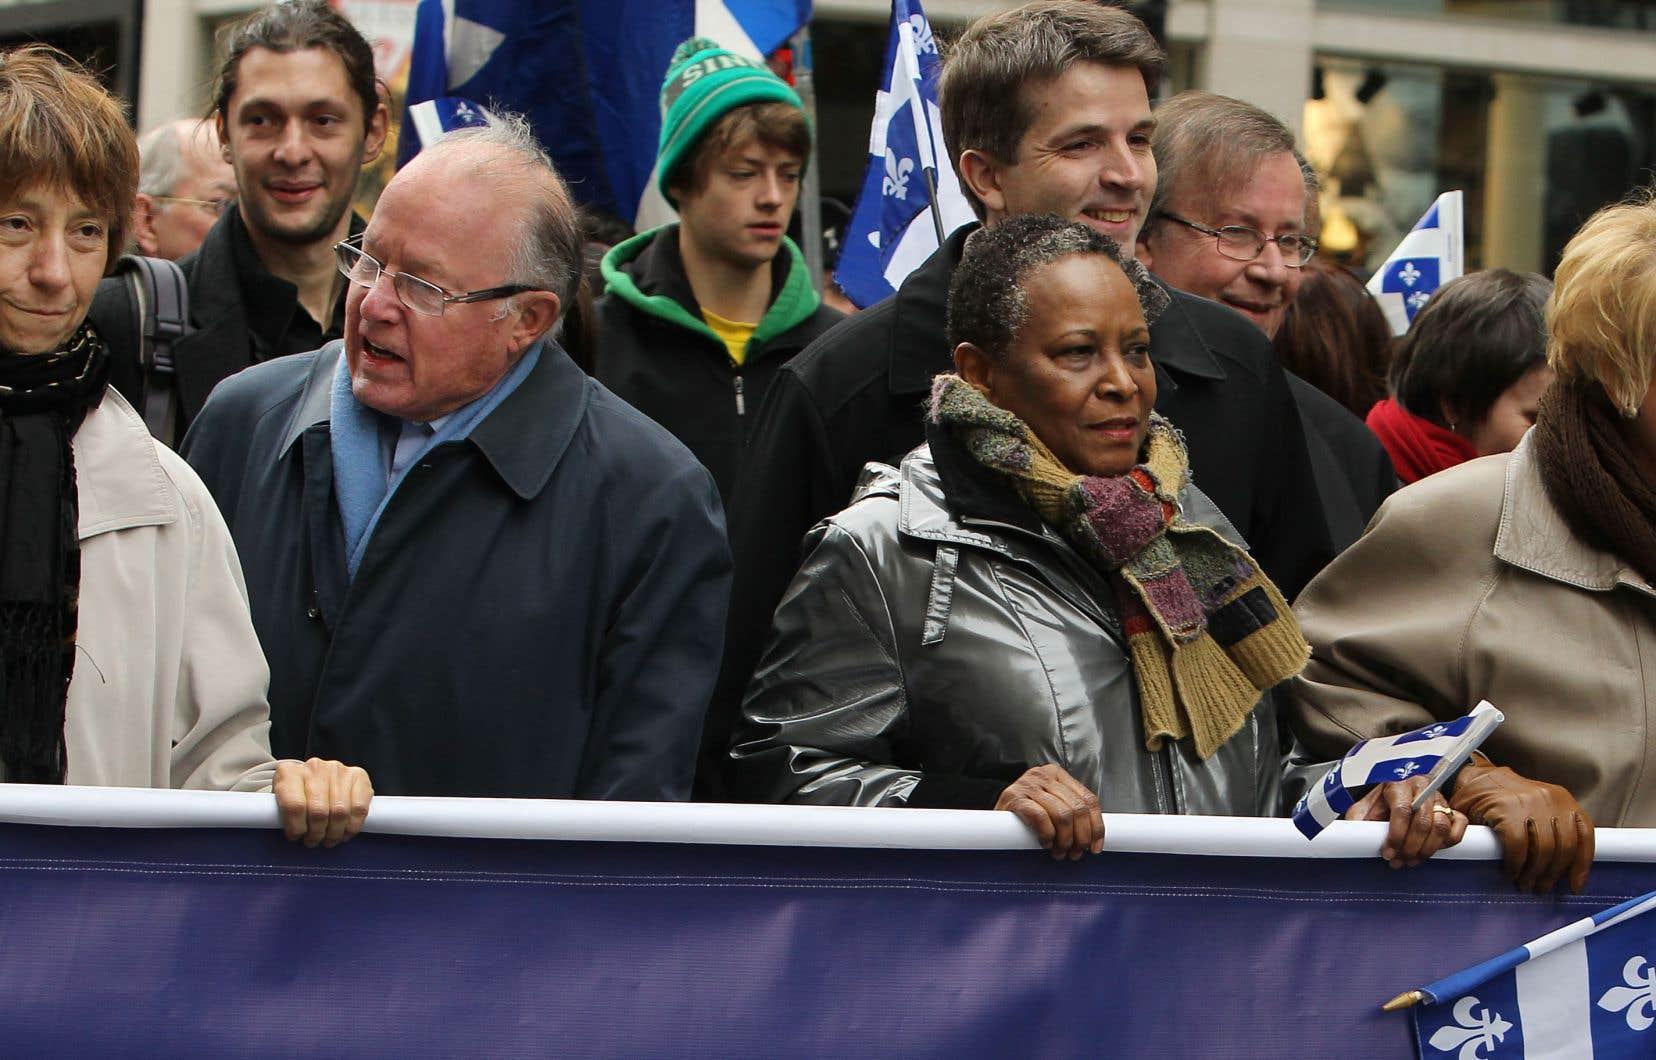 Lors d'une marche pour l'indépendance, en 2011, avec Françoise David, Vivian Barbot et Pauline Marois